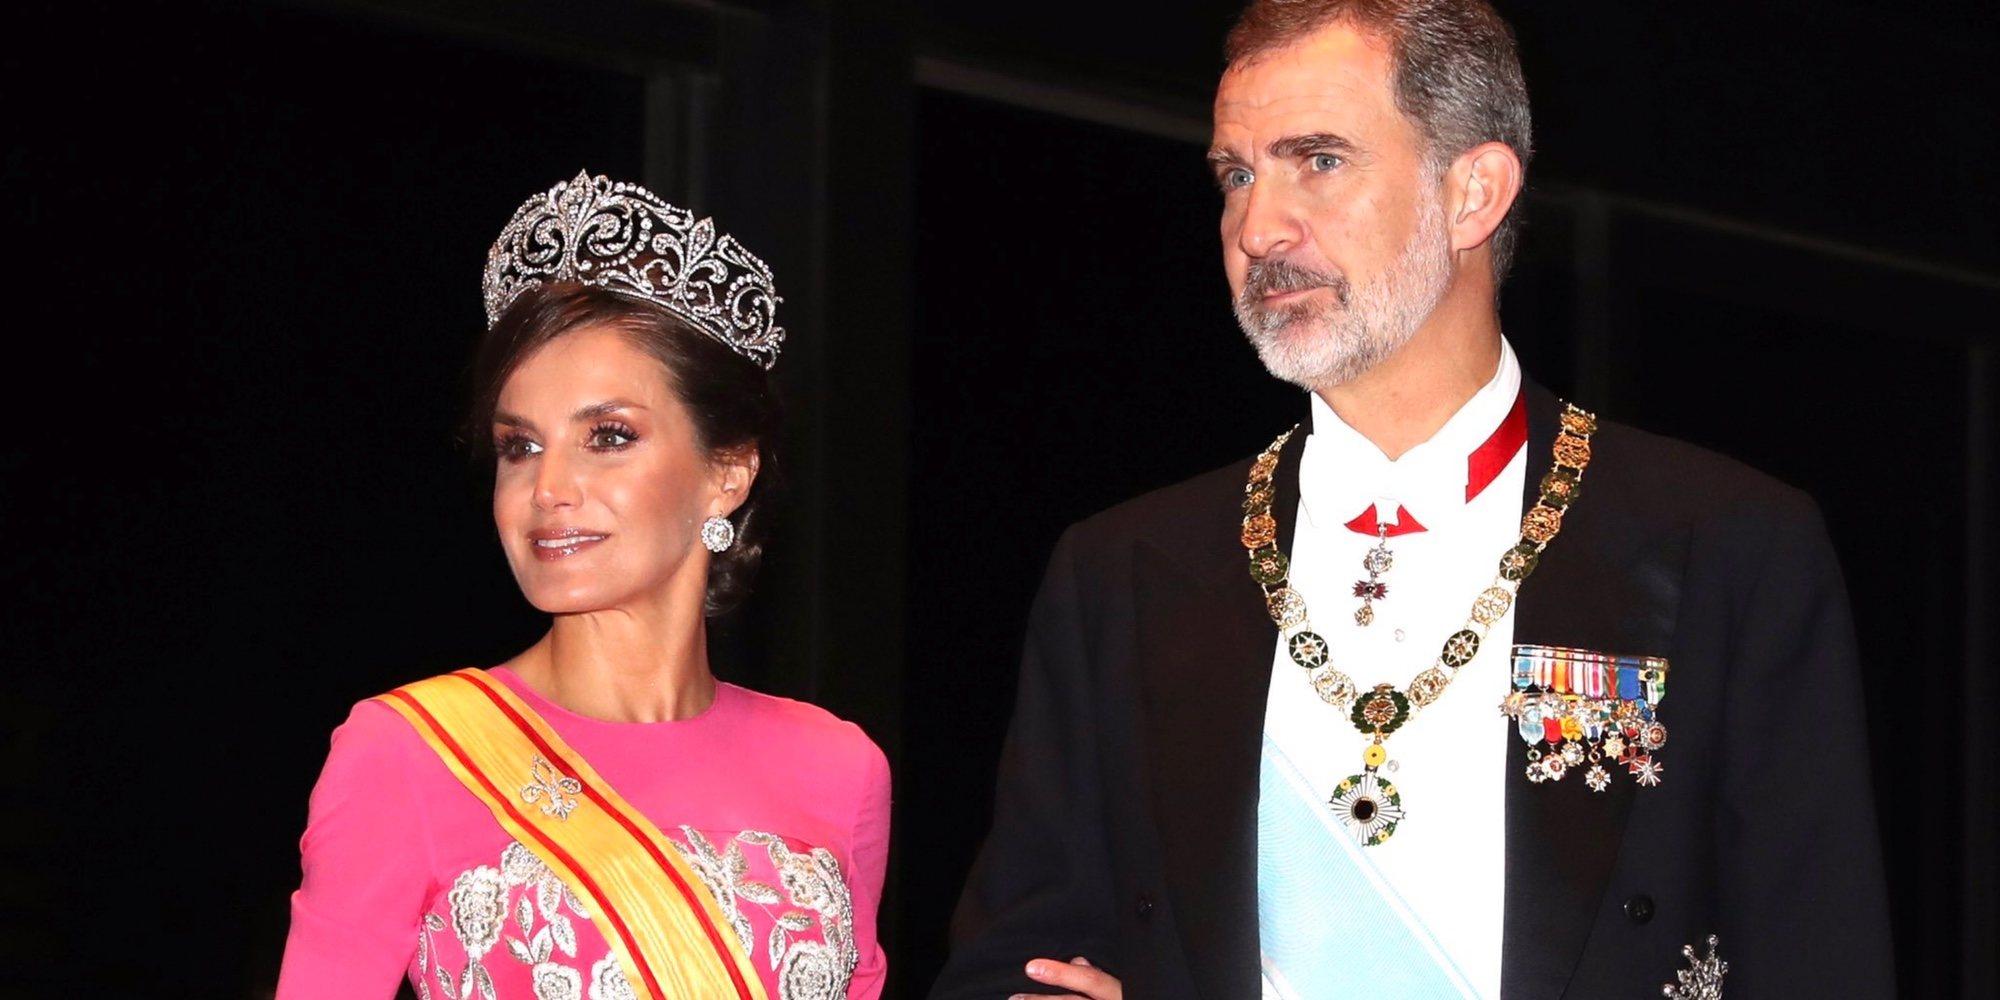 La Reina Letizia, radiante con la tiara Flor de Lis y un vestido complicado en la cena en honor a Naruhito de Japón